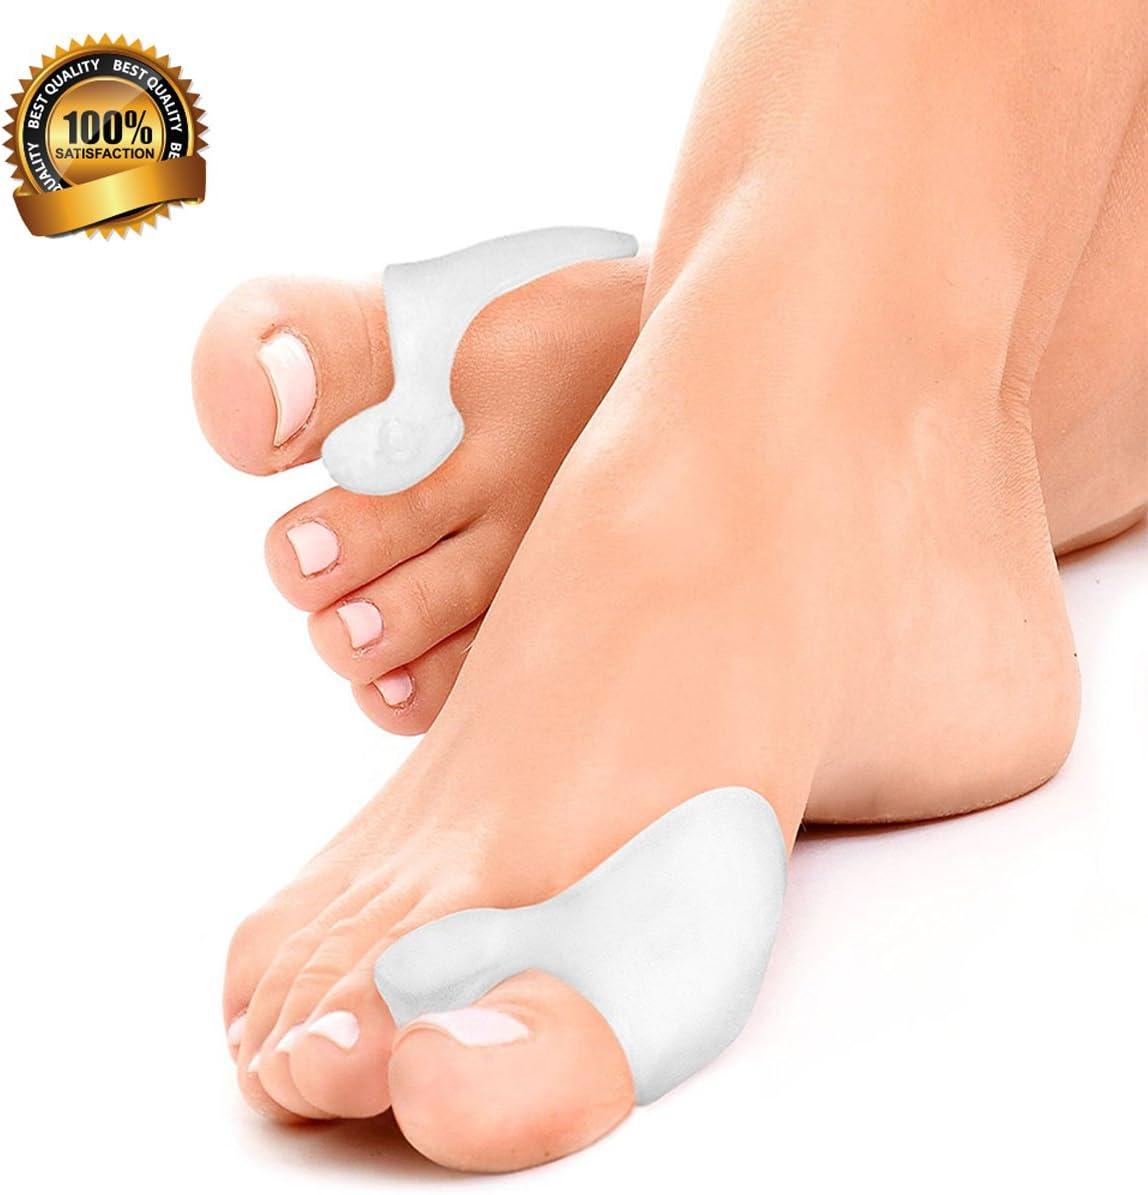 protection dorteil pour oignon TDI entretoises pour /éviter les douleurs de linconfort pour soulagement Love77 S/éparateur pour orteil en gel